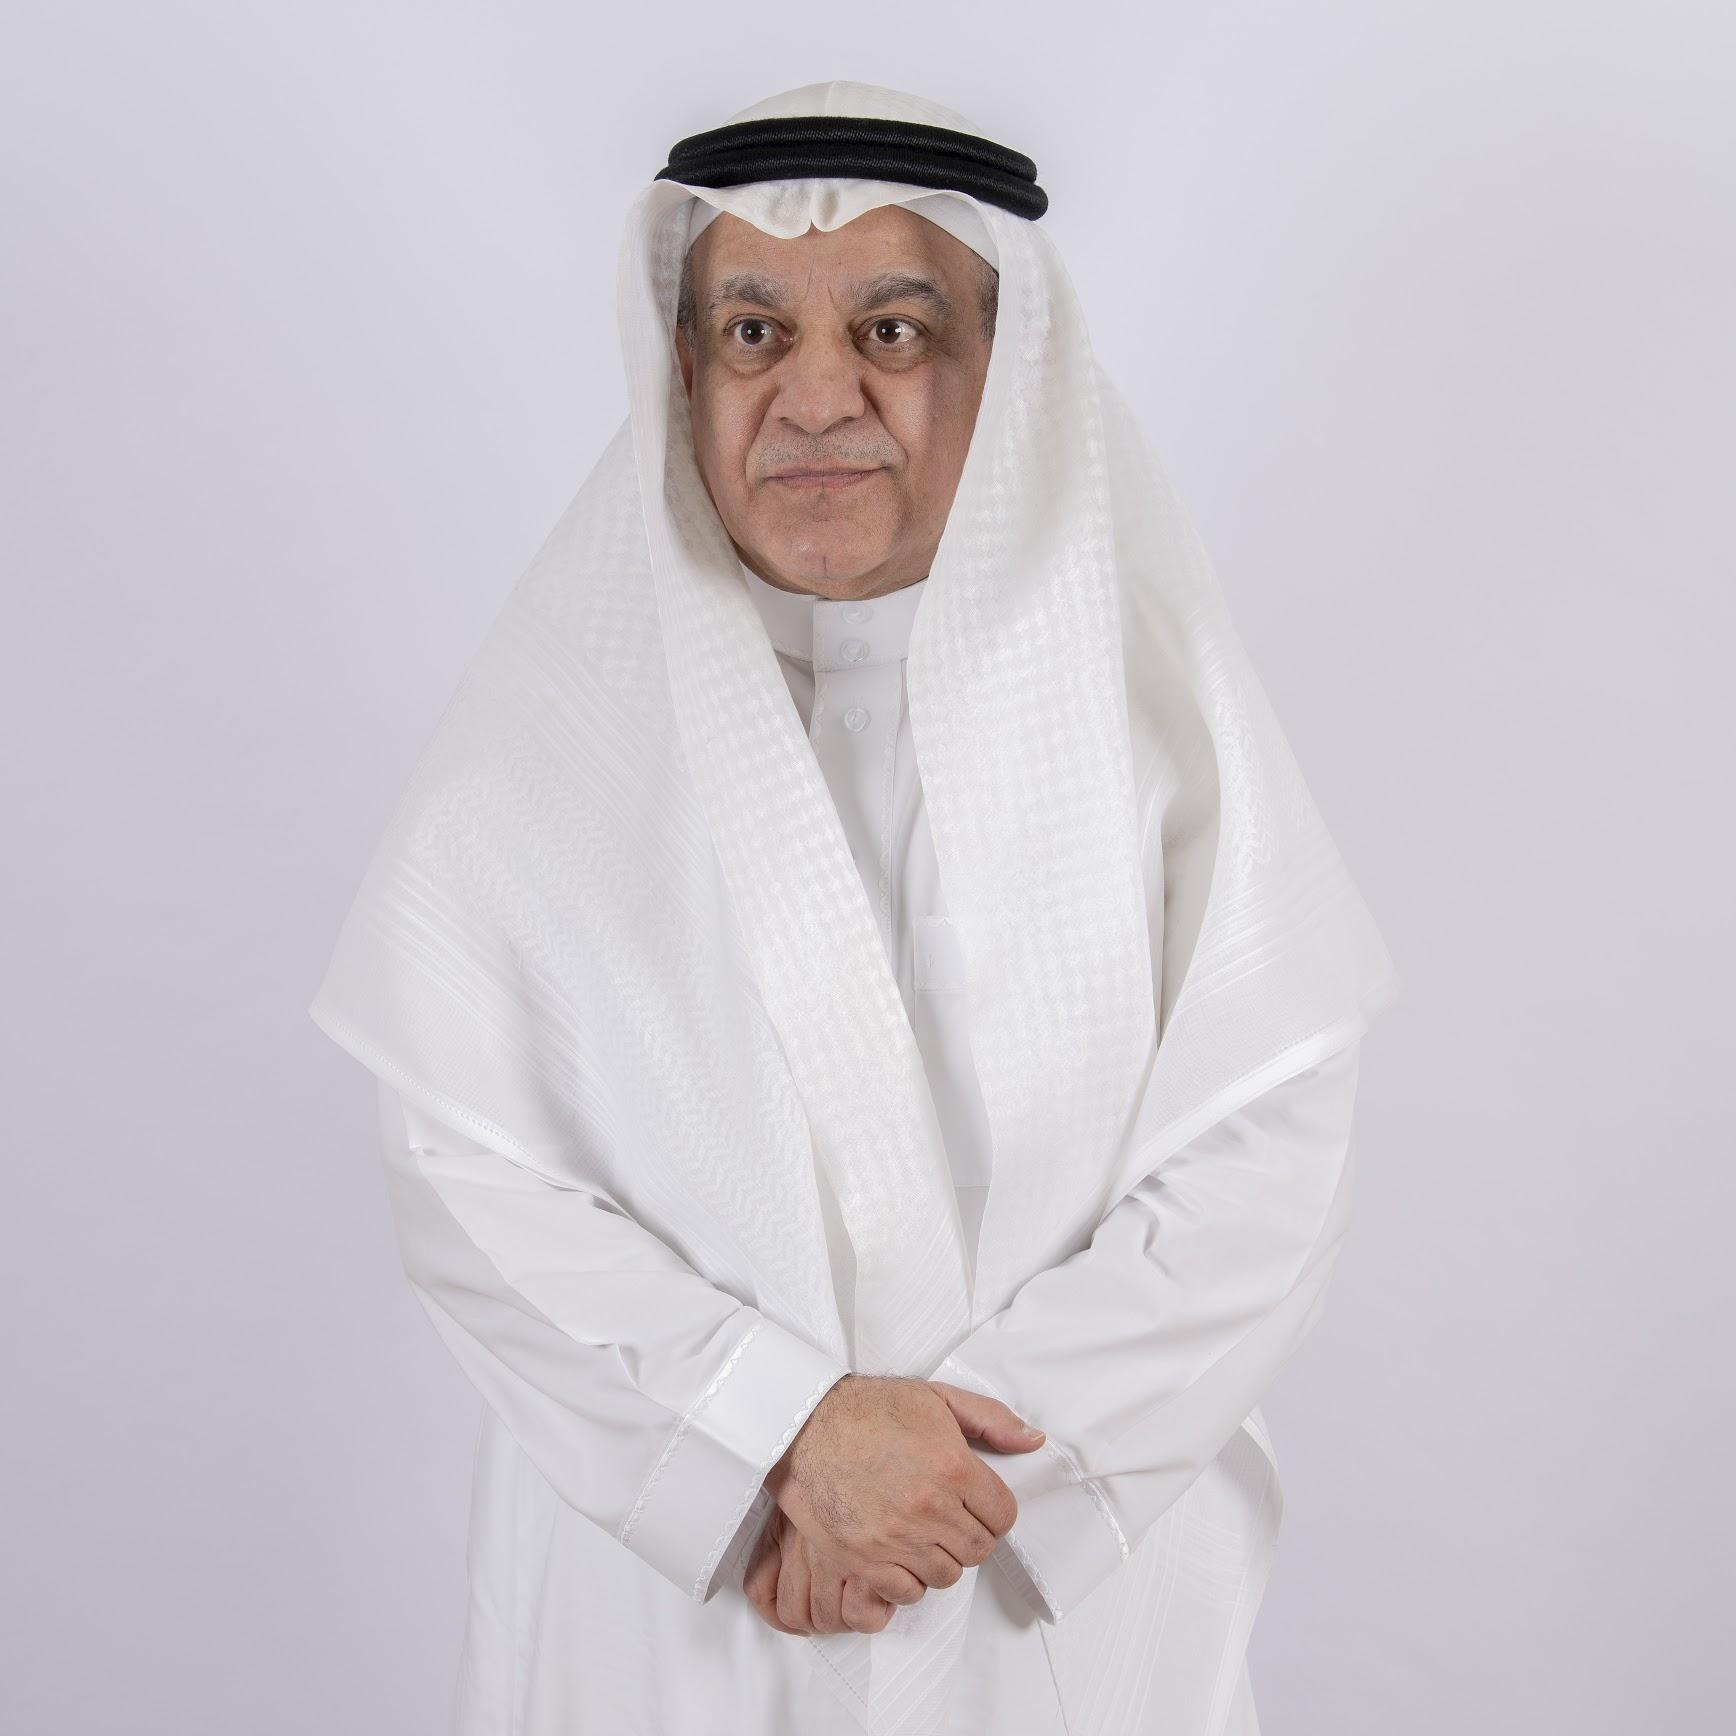 المهندس عبد الرحمن إبراهيم الرويتع